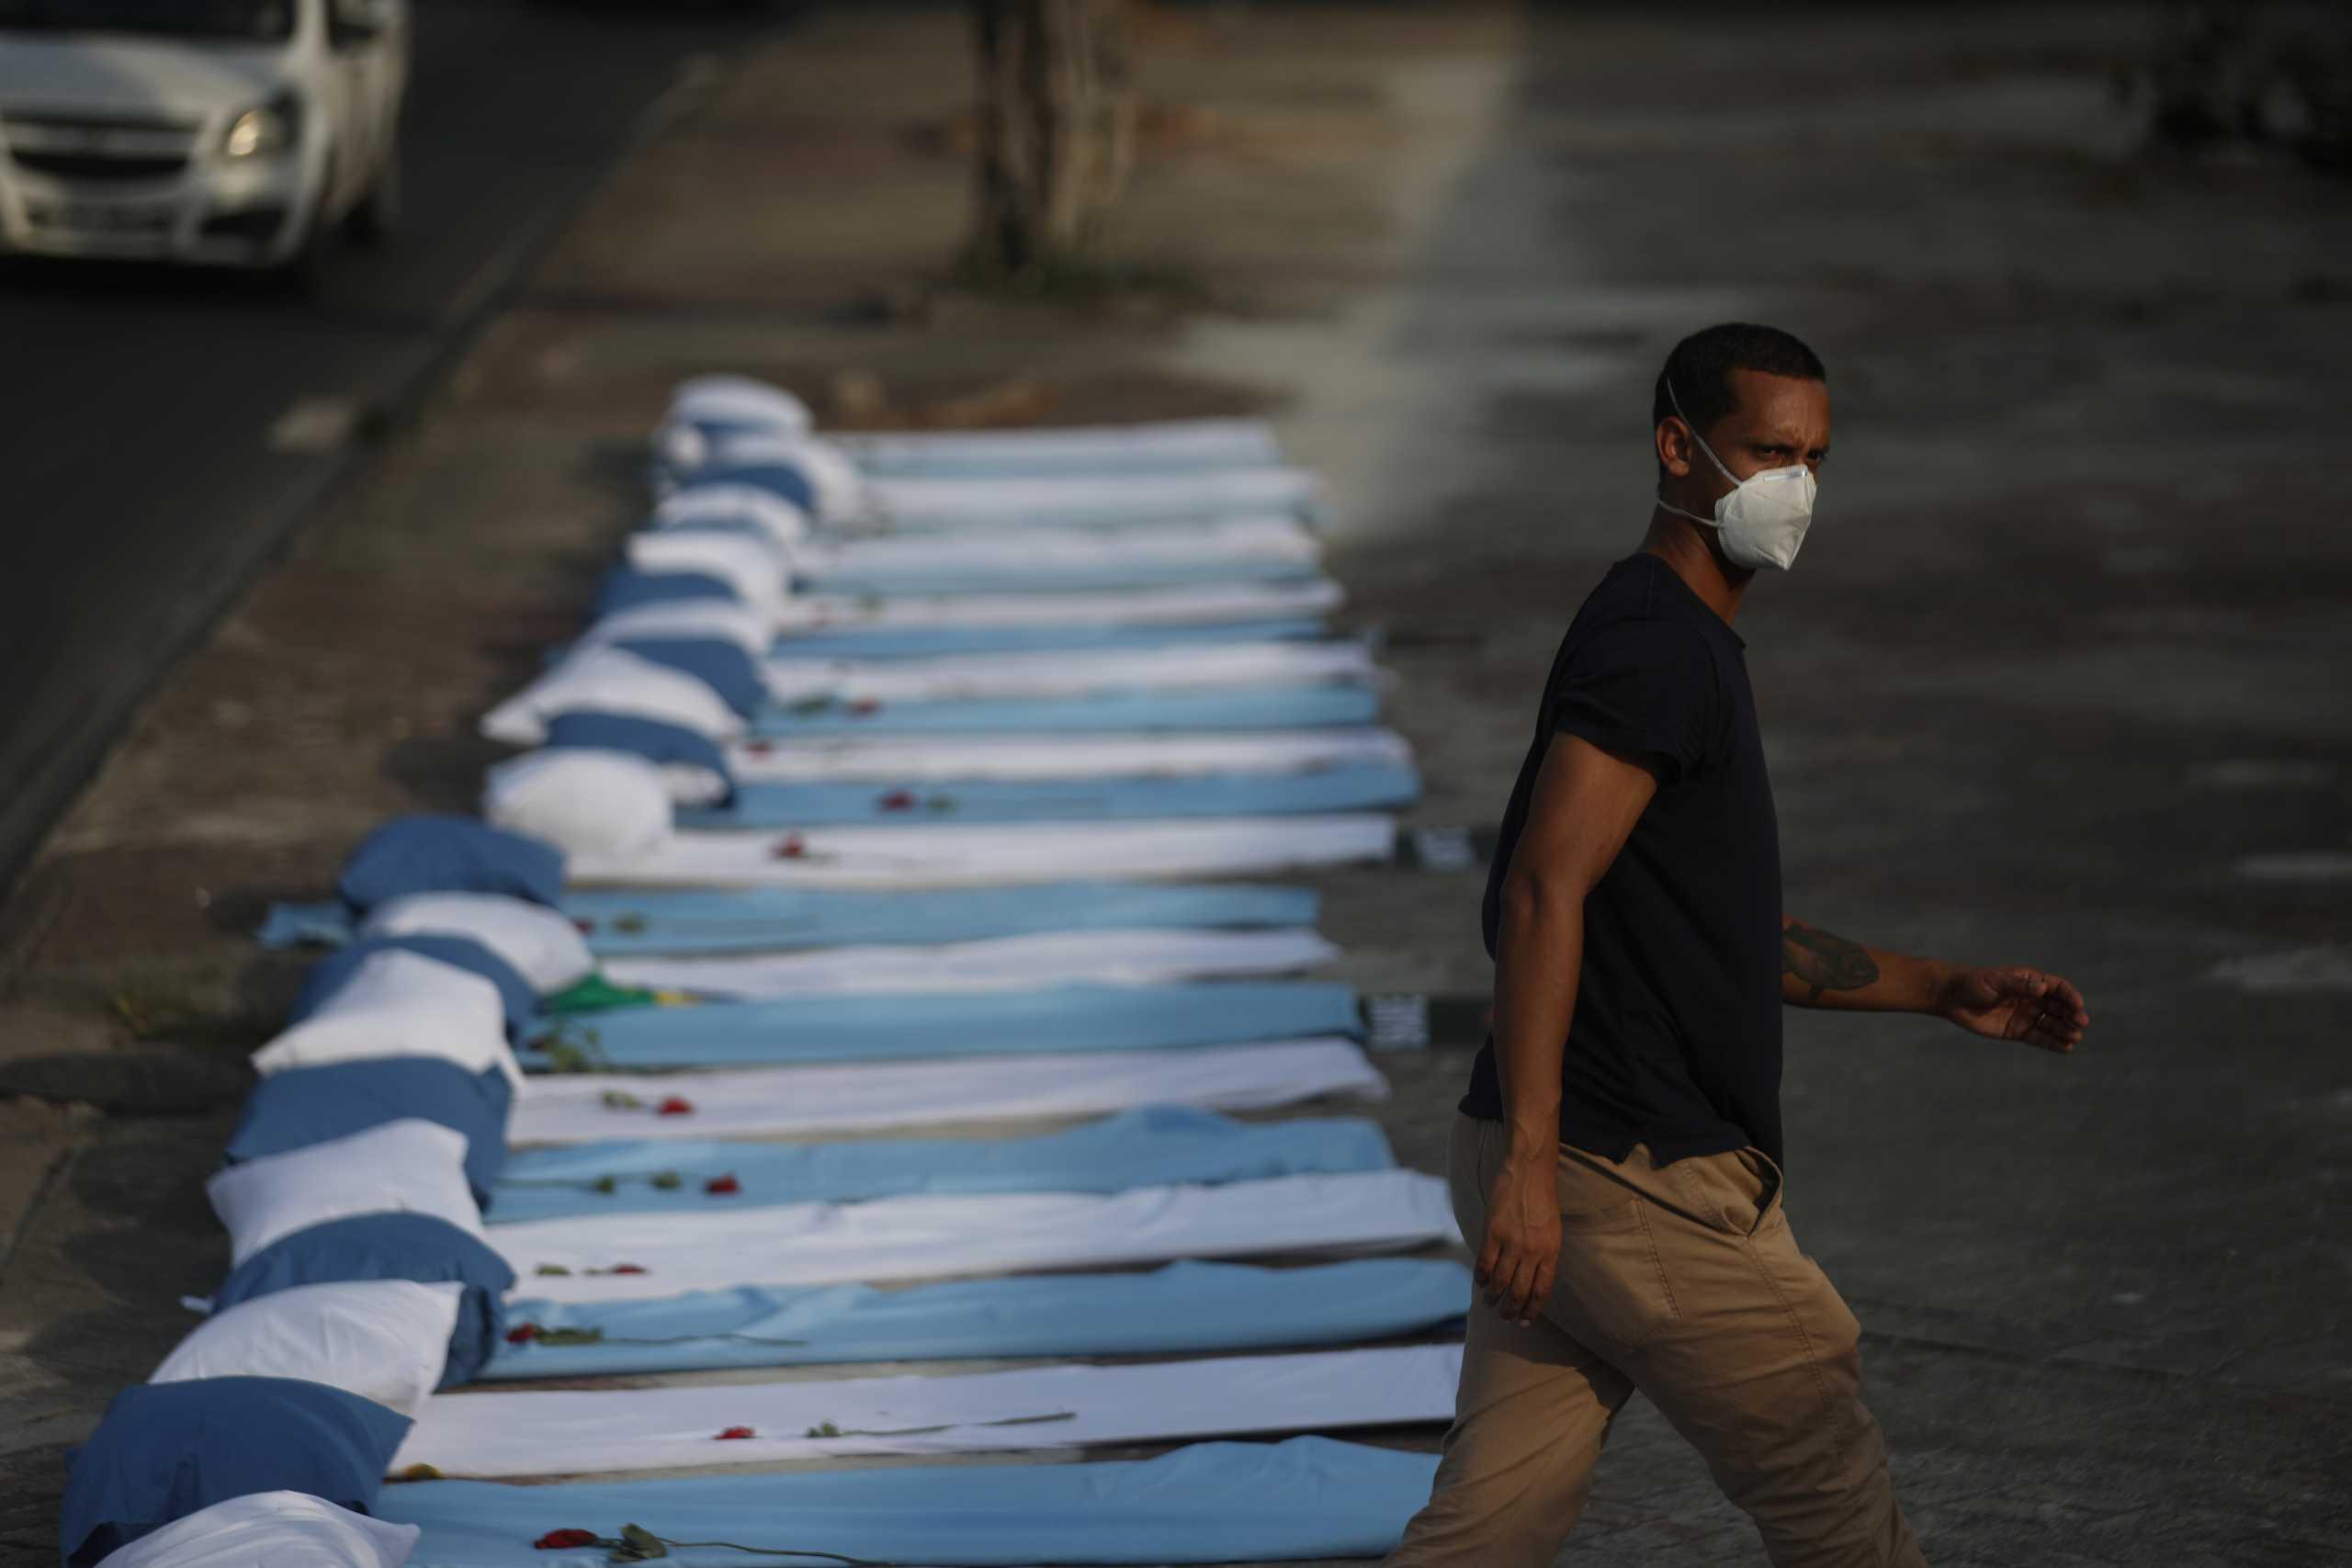 Βραζιλία: Παραμένει τραγική η κατάσταση – Άλλοι 2.403 θάνατοι το τελευταίο 24ωρο